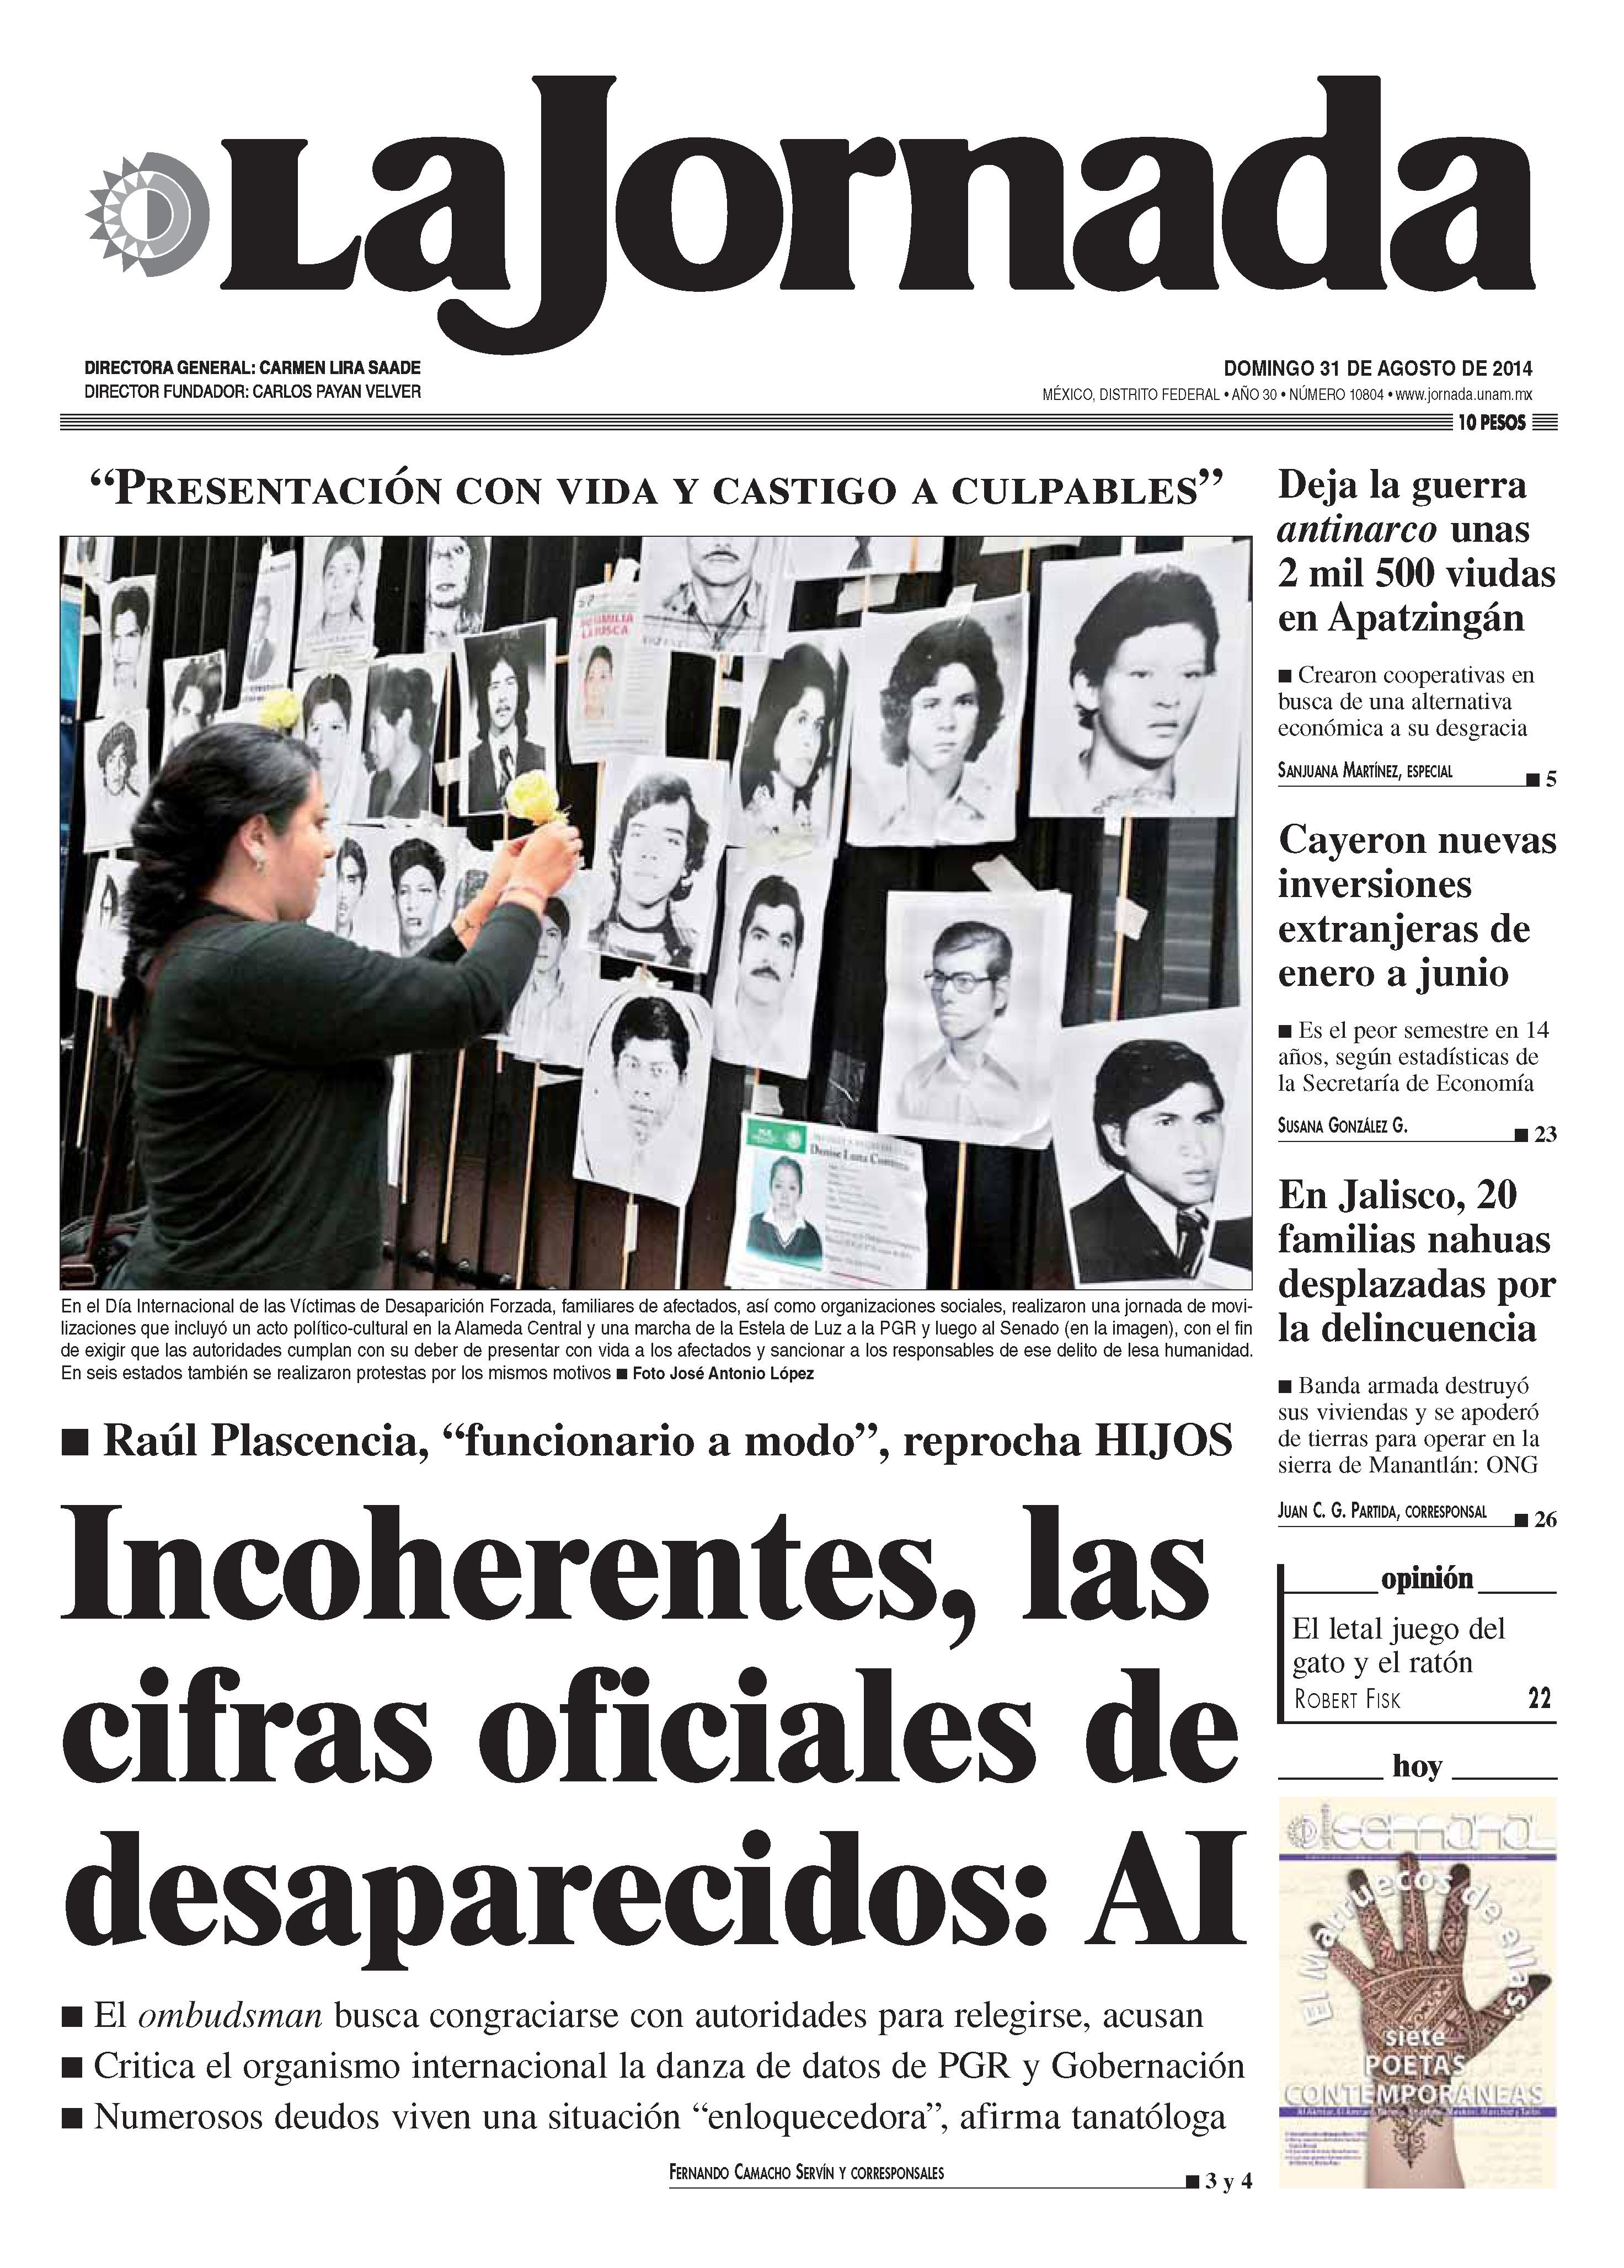 La jornada en apatzing n el narco ha dejado m s de 2 mil for Noticias de hoy espectaculos